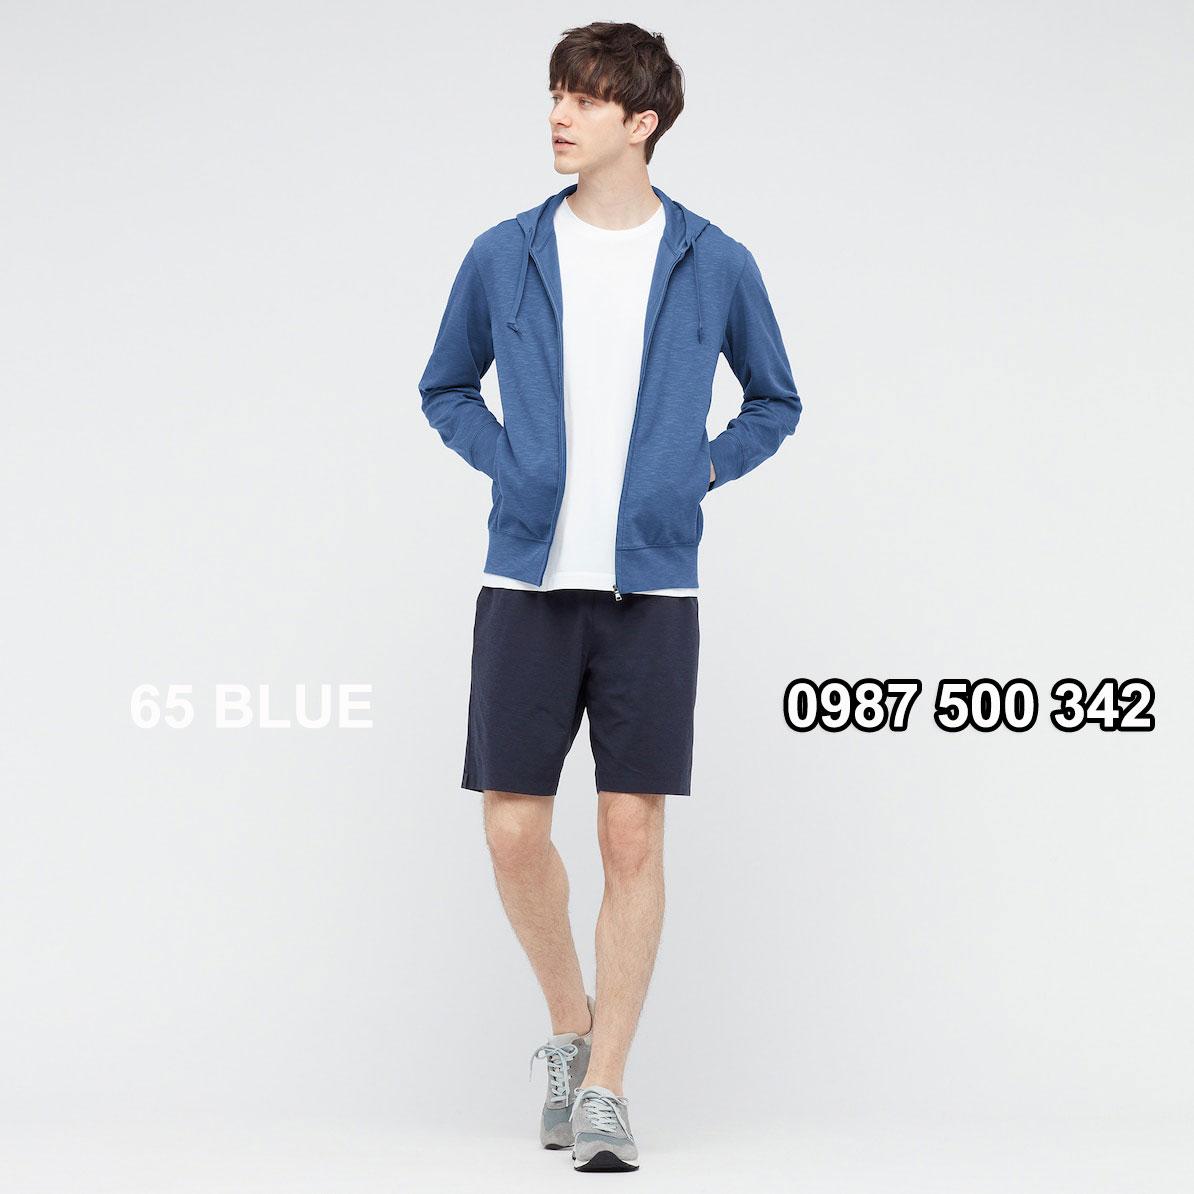 Áo chống nắng nam Uniqlo màu xanh biển 65 BLUE 433049